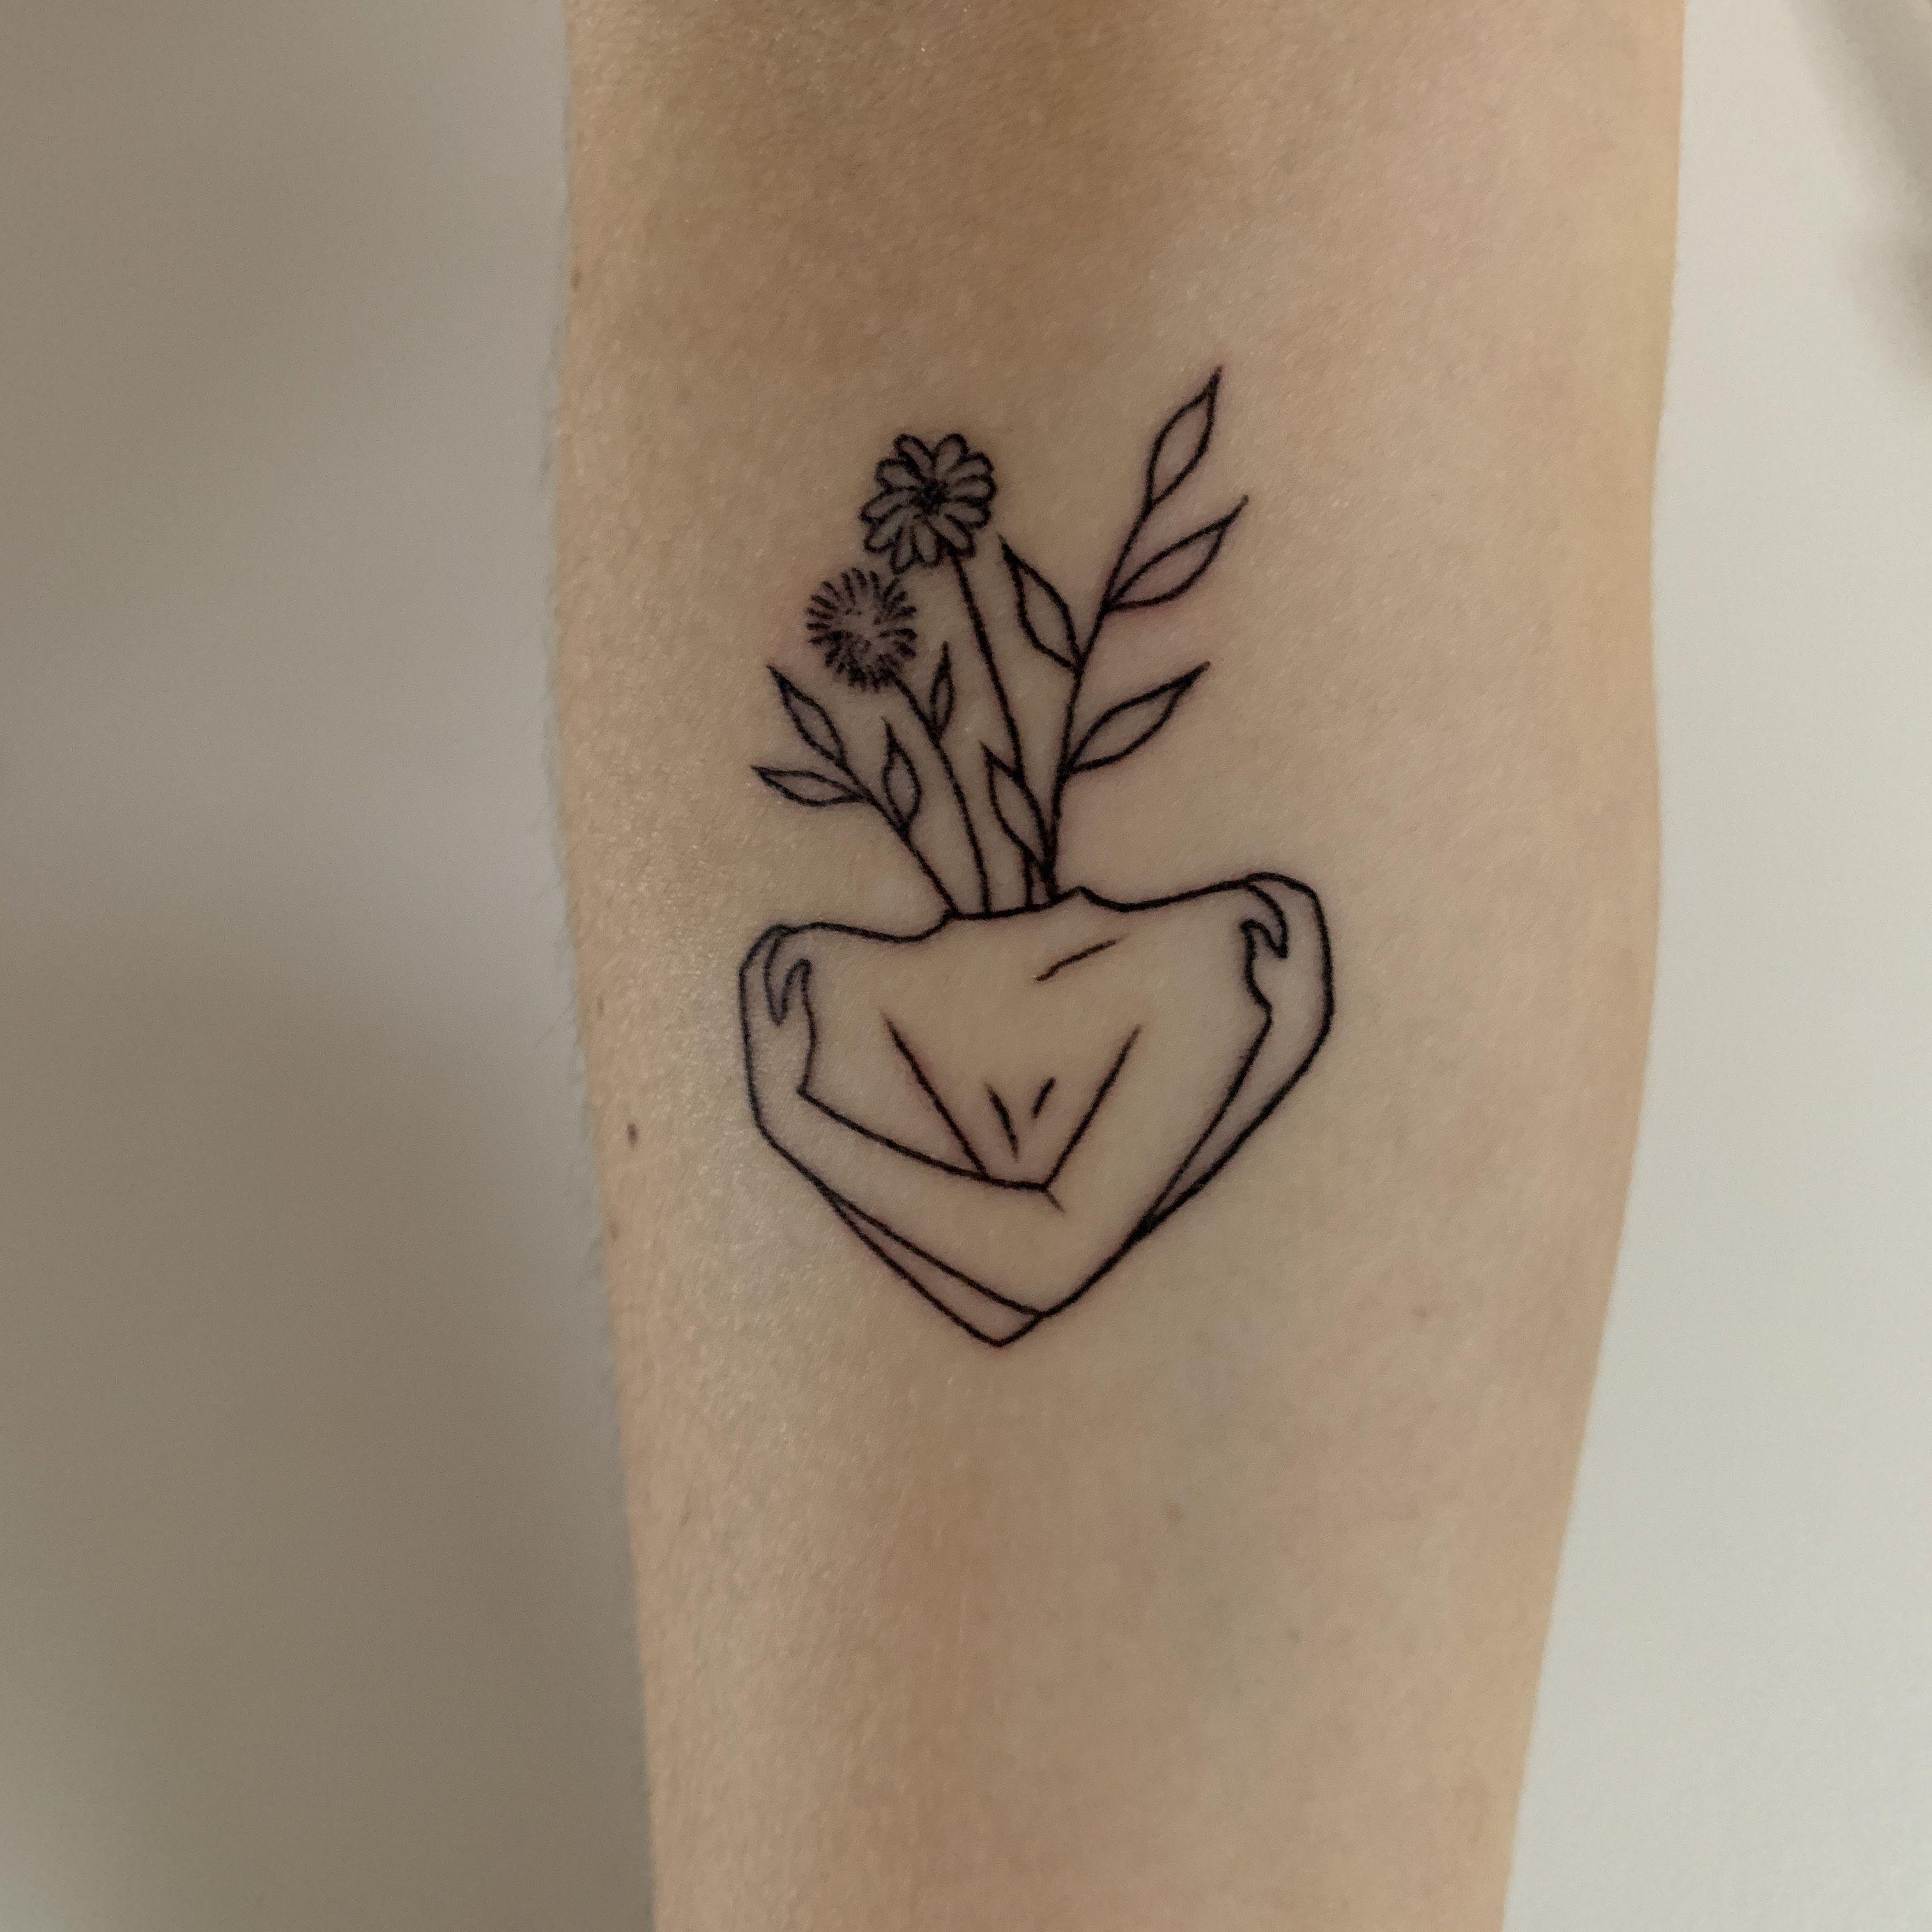 Self Love Tattoo Artsy Tattoos Self Love Tattoo Tattoos